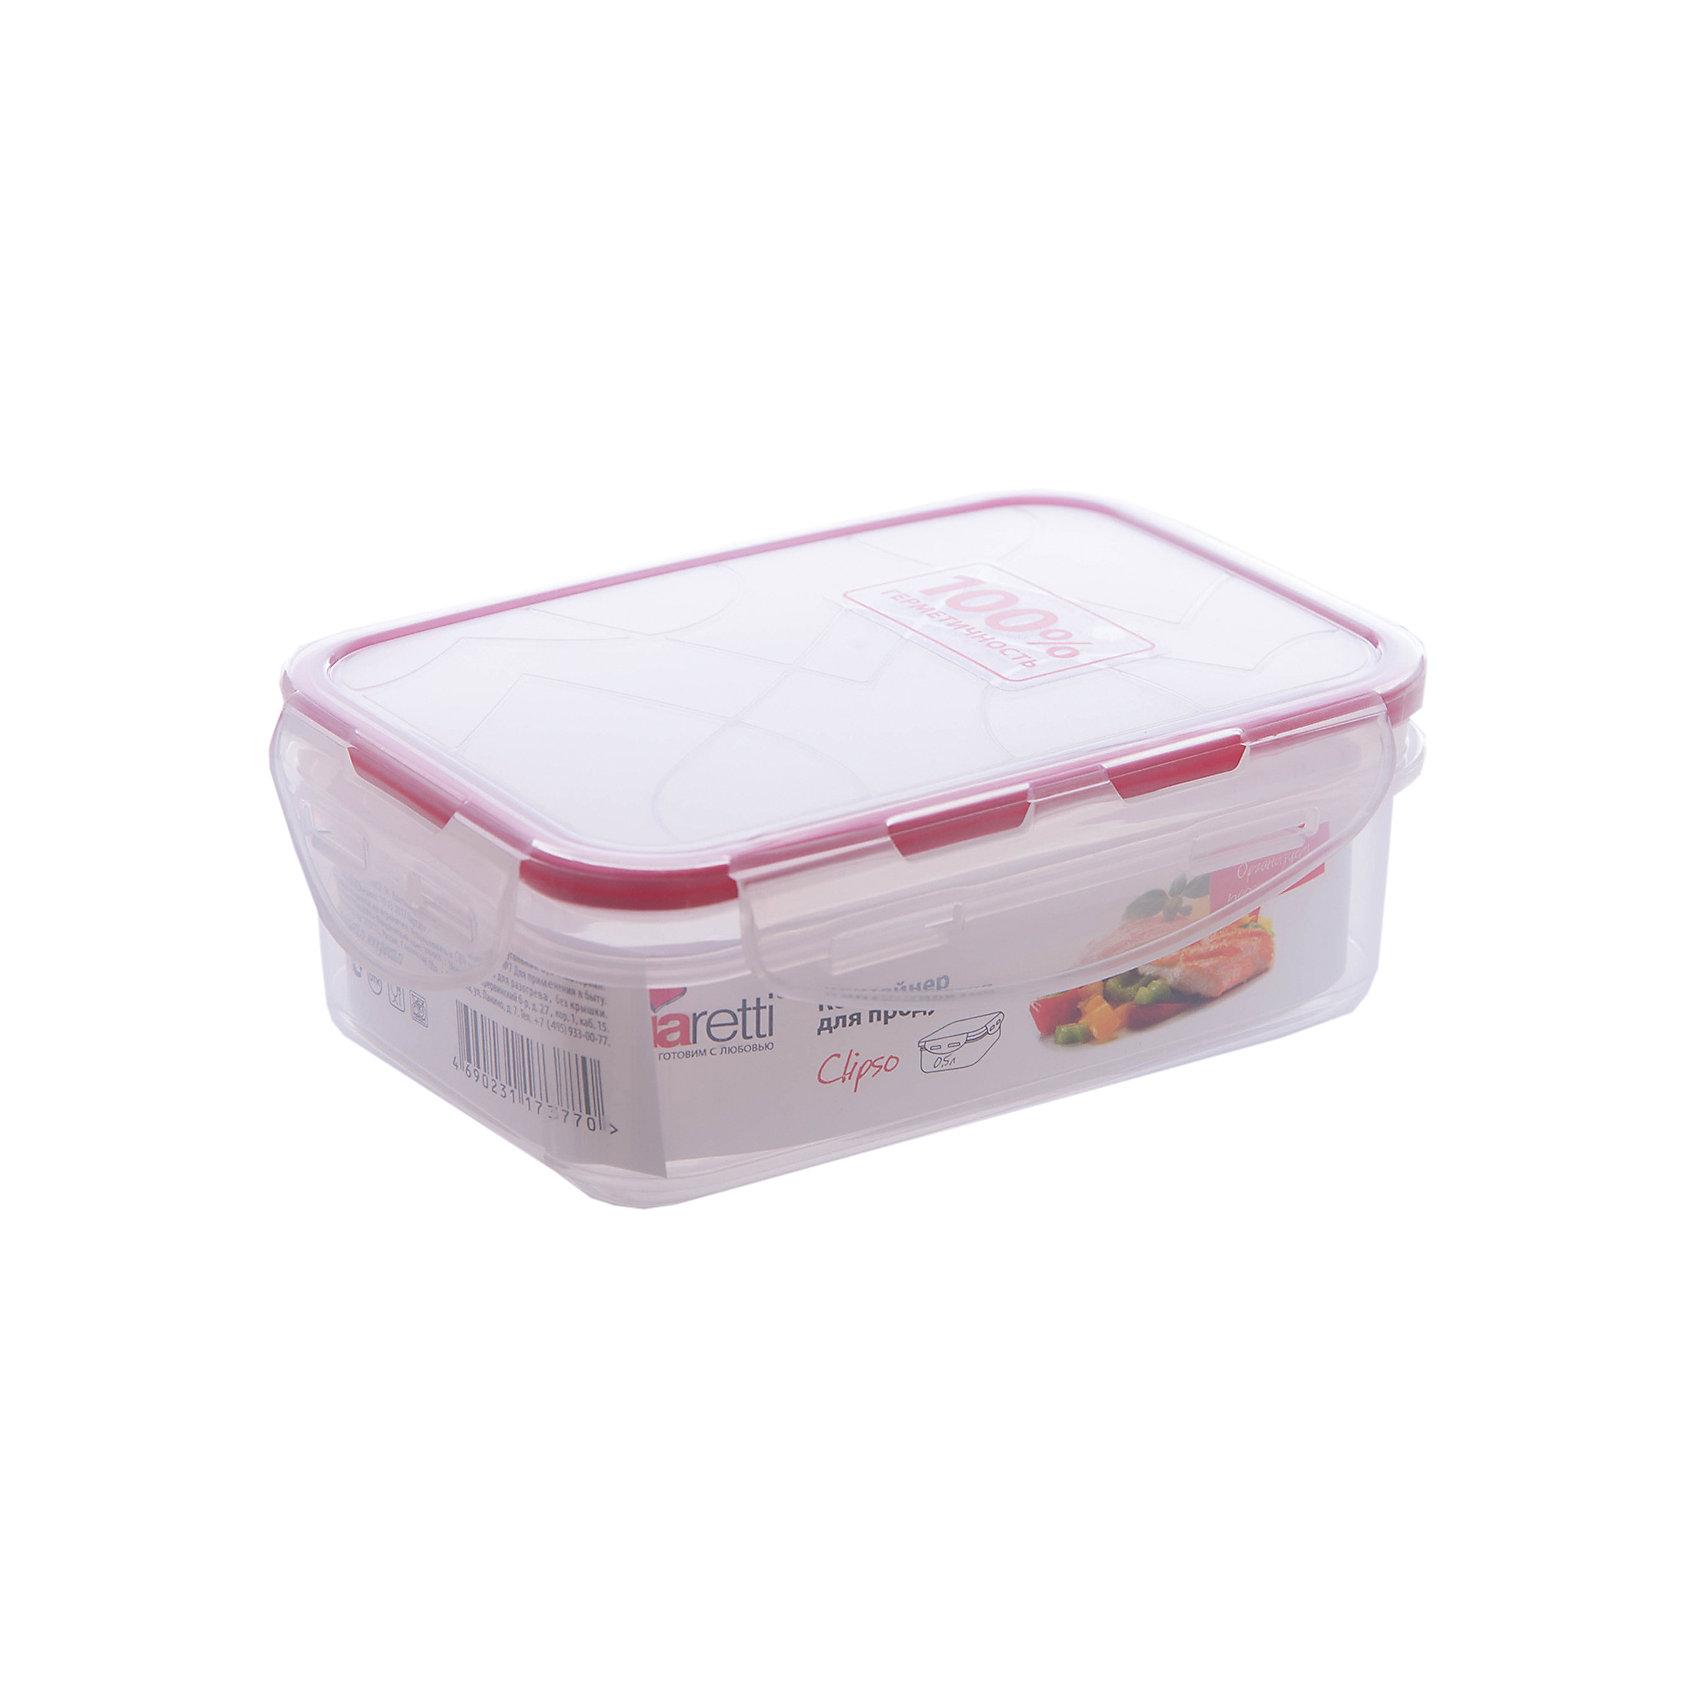 Контейнер для продуктов Clipso прямоугольный 0,5 л, GiarettiБутылки для воды и бутербродницы<br>Герметичный контейнер от Giaretti имеет целый ряд преимуществ: благодаря надежным замкам ваша еда надежно и герметично упакована, ее легко взять с собой без опасения пролить содержимое; контейнер подходит для хранения продуктов в морозильной камере, а также для разогрева в микроволновой печи; благодаря воздухонепроницаемой крышке продукты хранятся дольше; разные литражи и формы контейнеров.<br><br>Ширина мм: 155<br>Глубина мм: 105<br>Высота мм: 56<br>Вес г: 102<br>Возраст от месяцев: 216<br>Возраст до месяцев: 1188<br>Пол: Унисекс<br>Возраст: Детский<br>SKU: 5545611